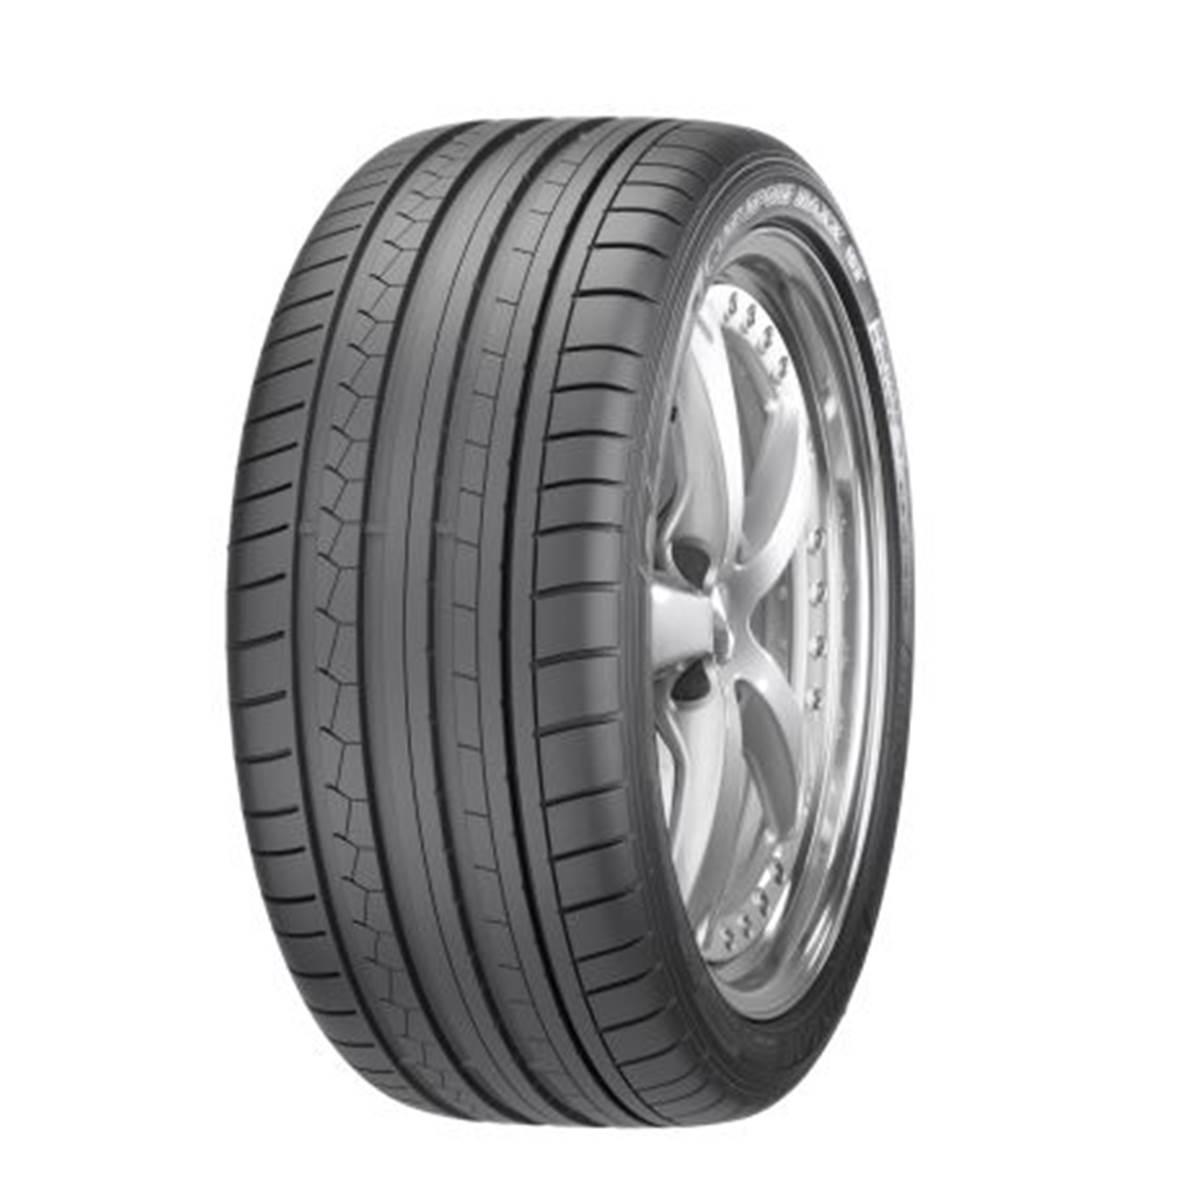 Pneu Dunlop 285/30R21 100Y Sp Sport Maxx Gt XL